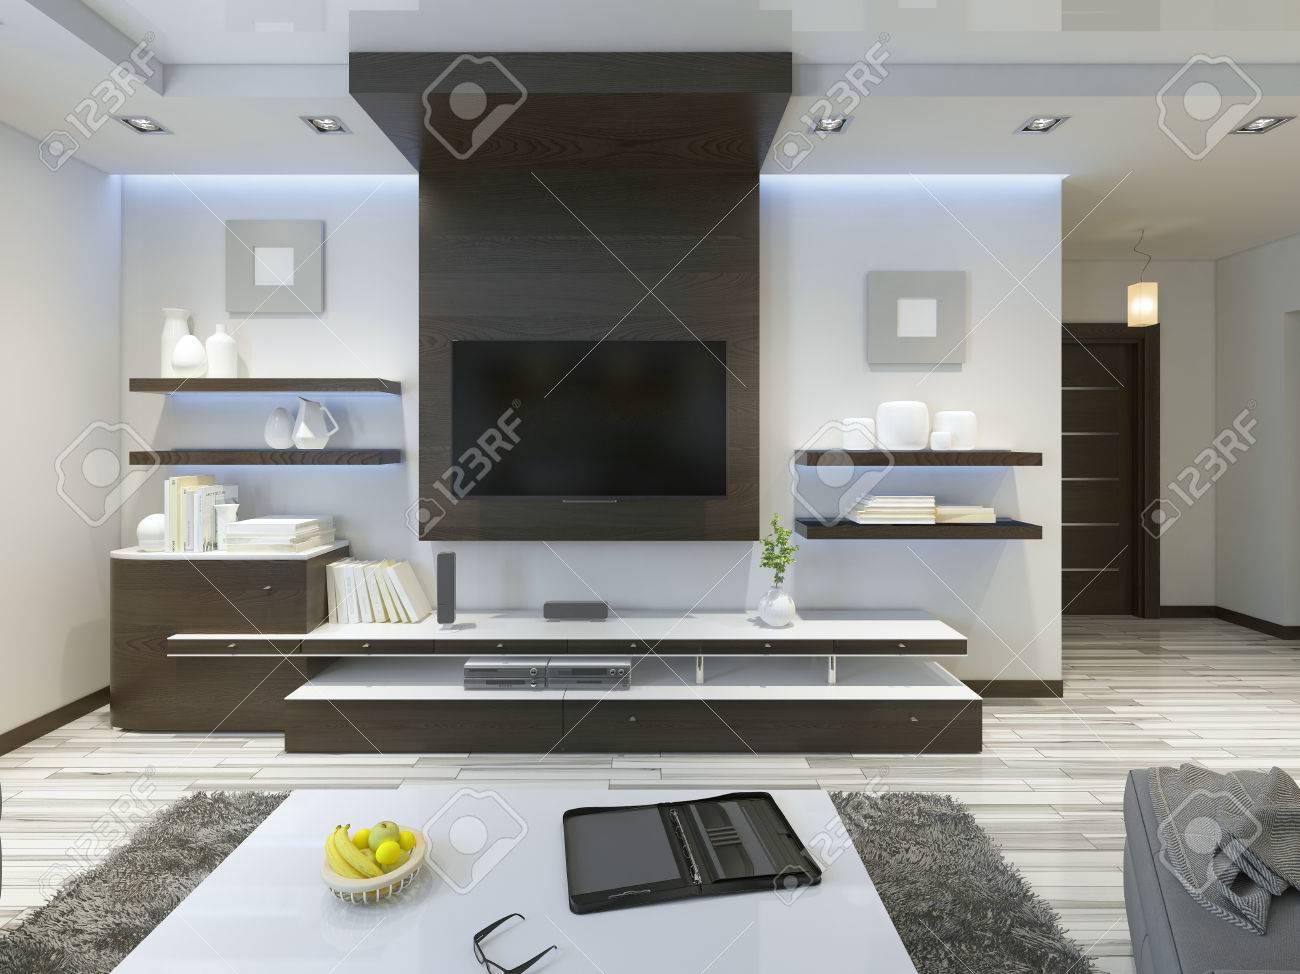 Erstaunlich Audio System Mit TV Und Regale Im Wohnzimmer Im Modernen Stil.  Holzverblendung Möbel In